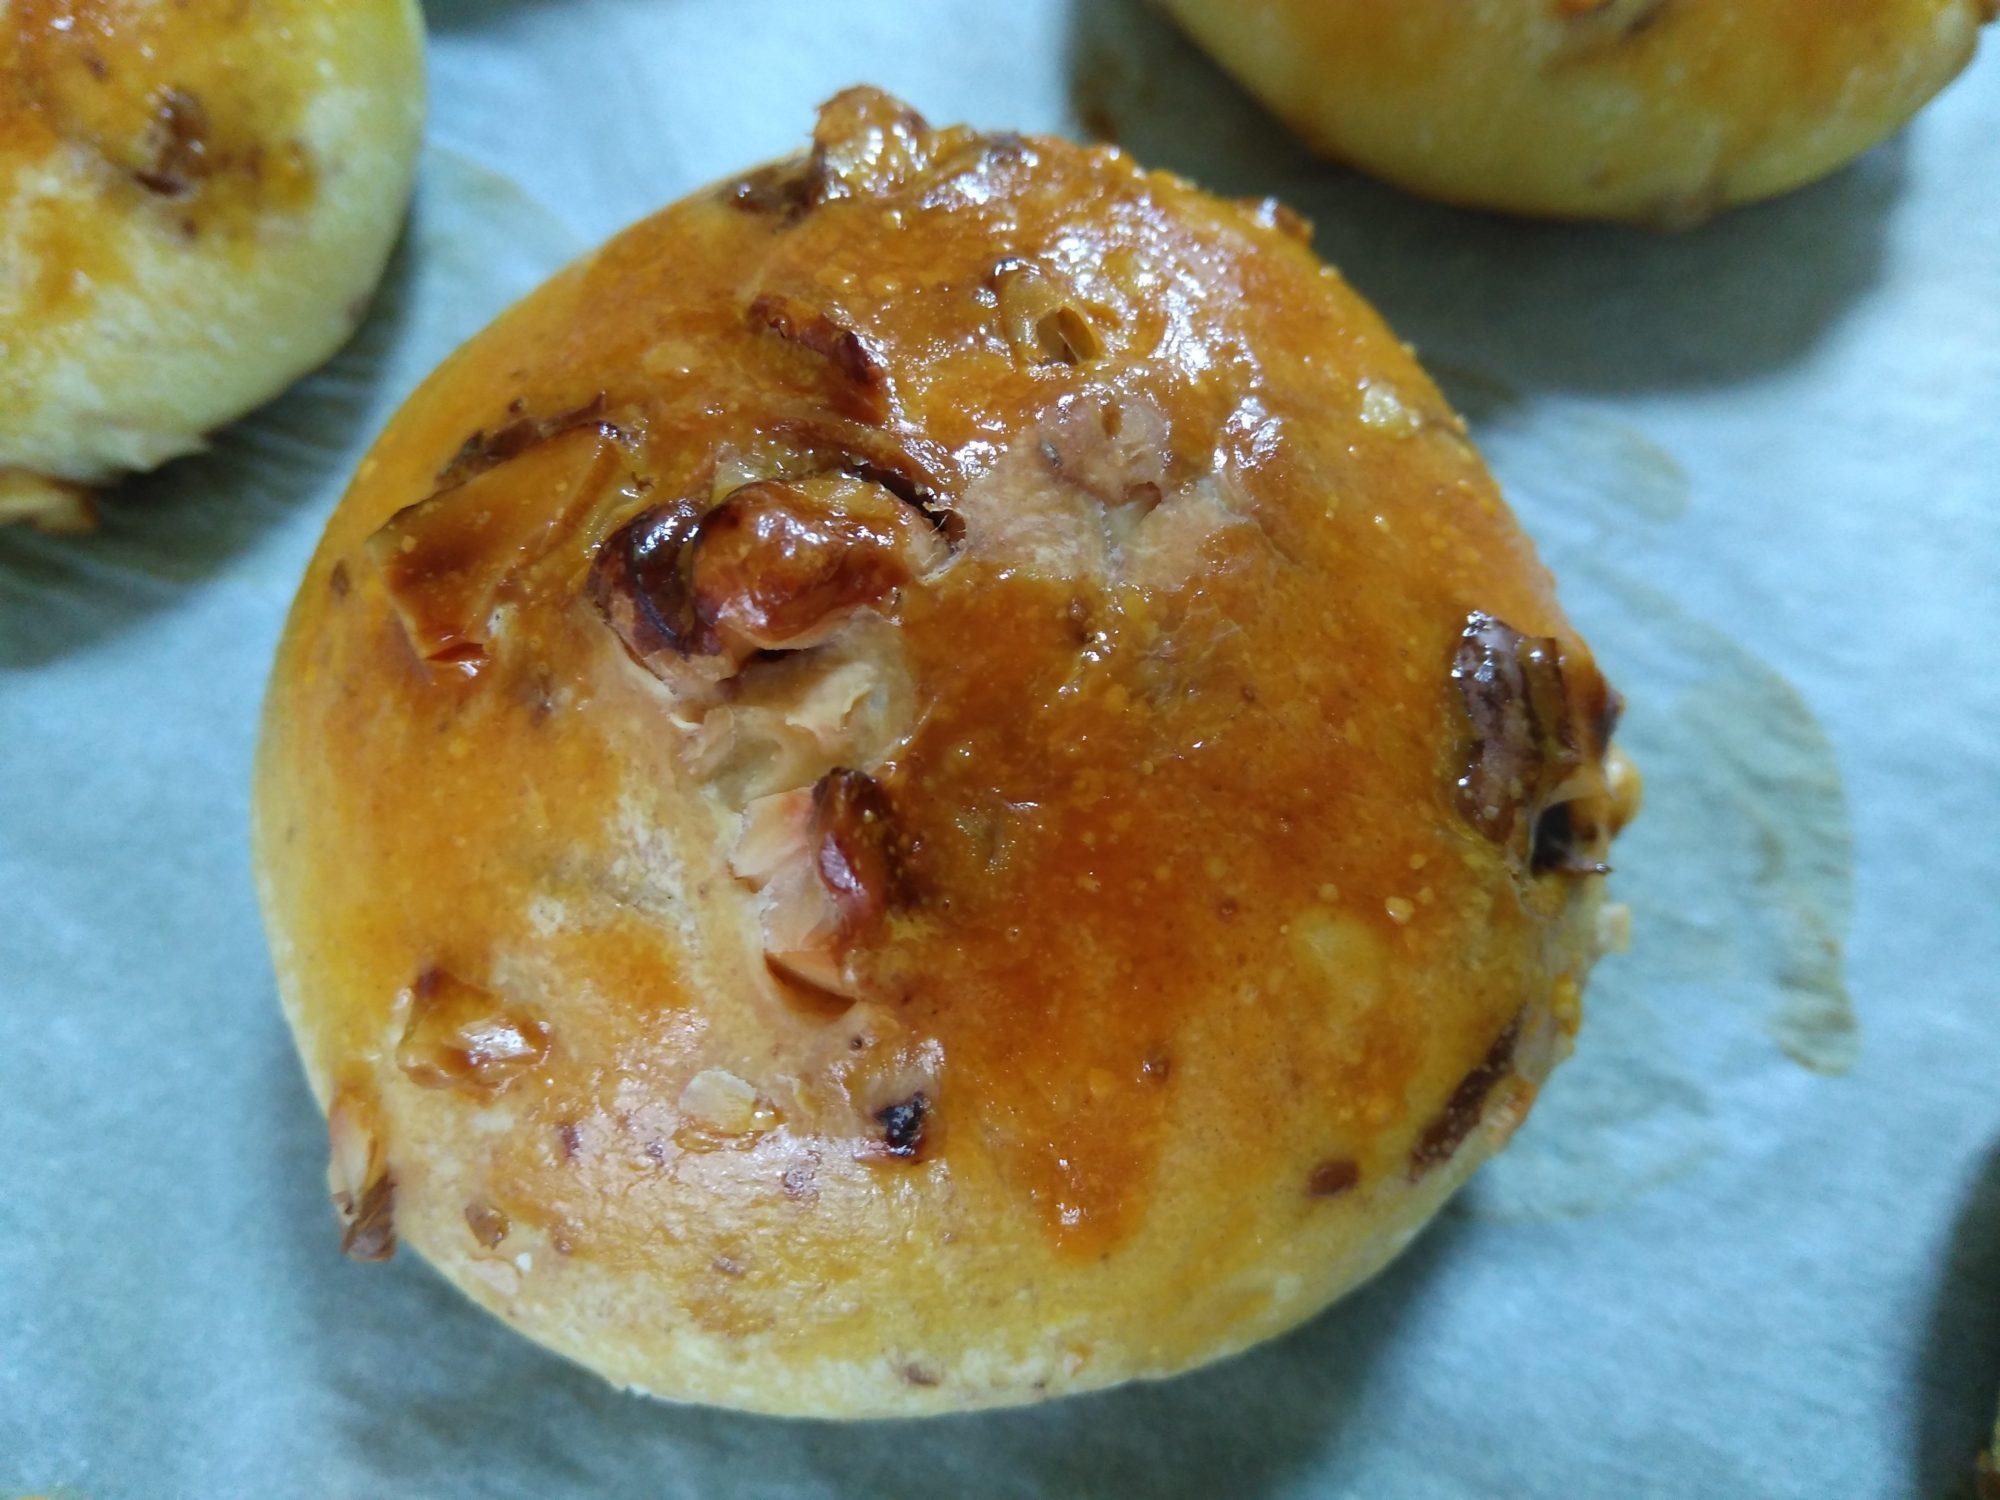 デュラム小麦粉パン+胡桃+チーズ